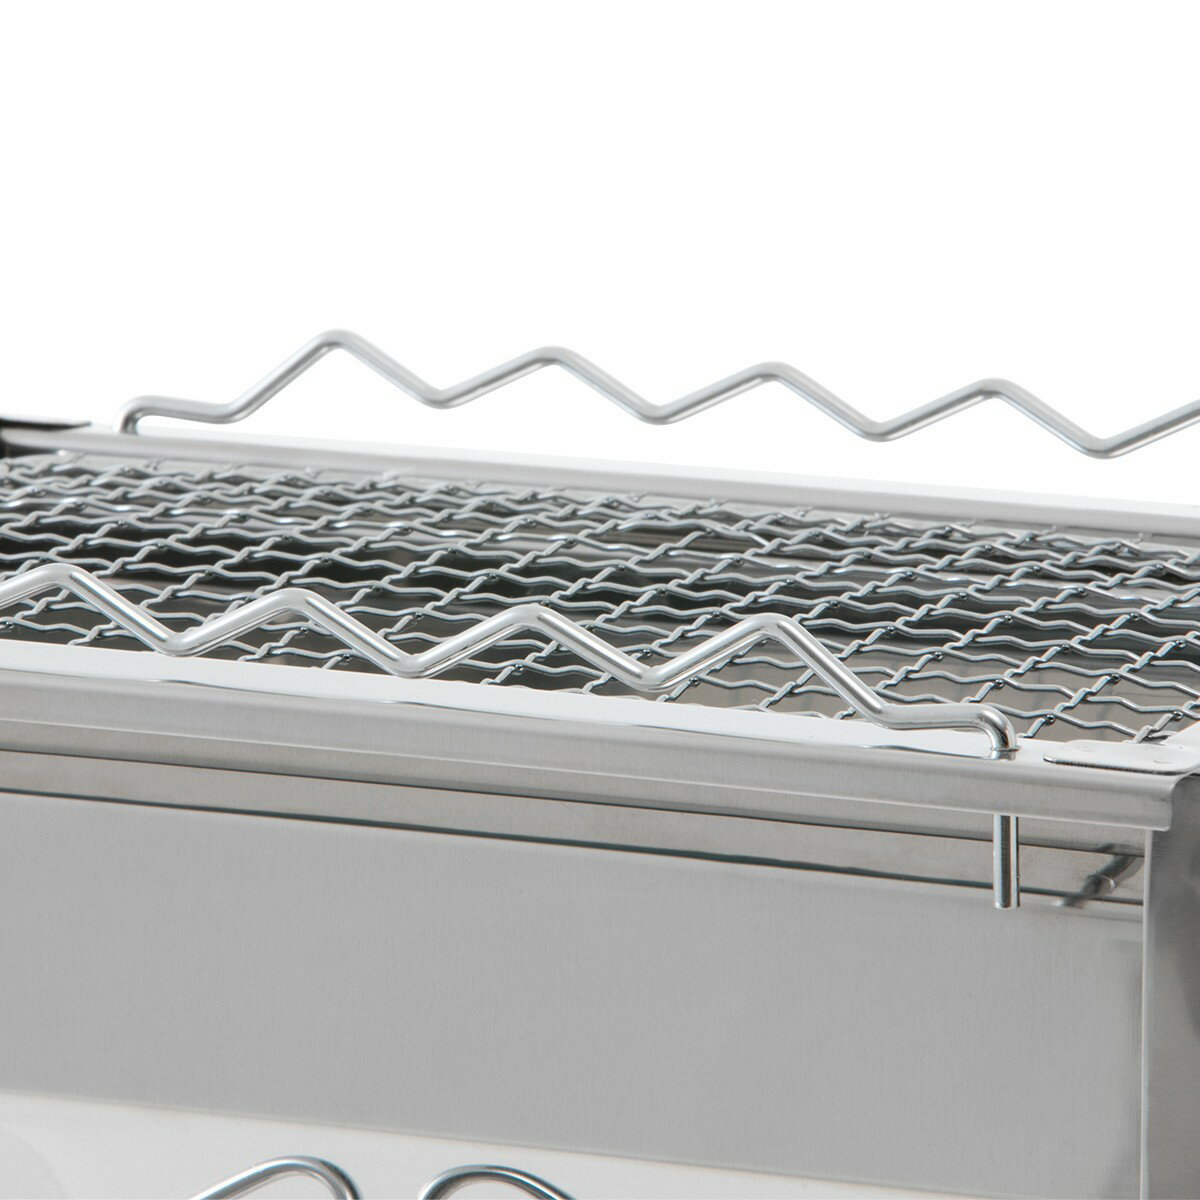 LOGOS/ロゴス ROSY 卓上ステングリル ステンレスボディの卓上BBQグリル 串焼き専用ラック付属で魚や焼き鳥調理にも便利